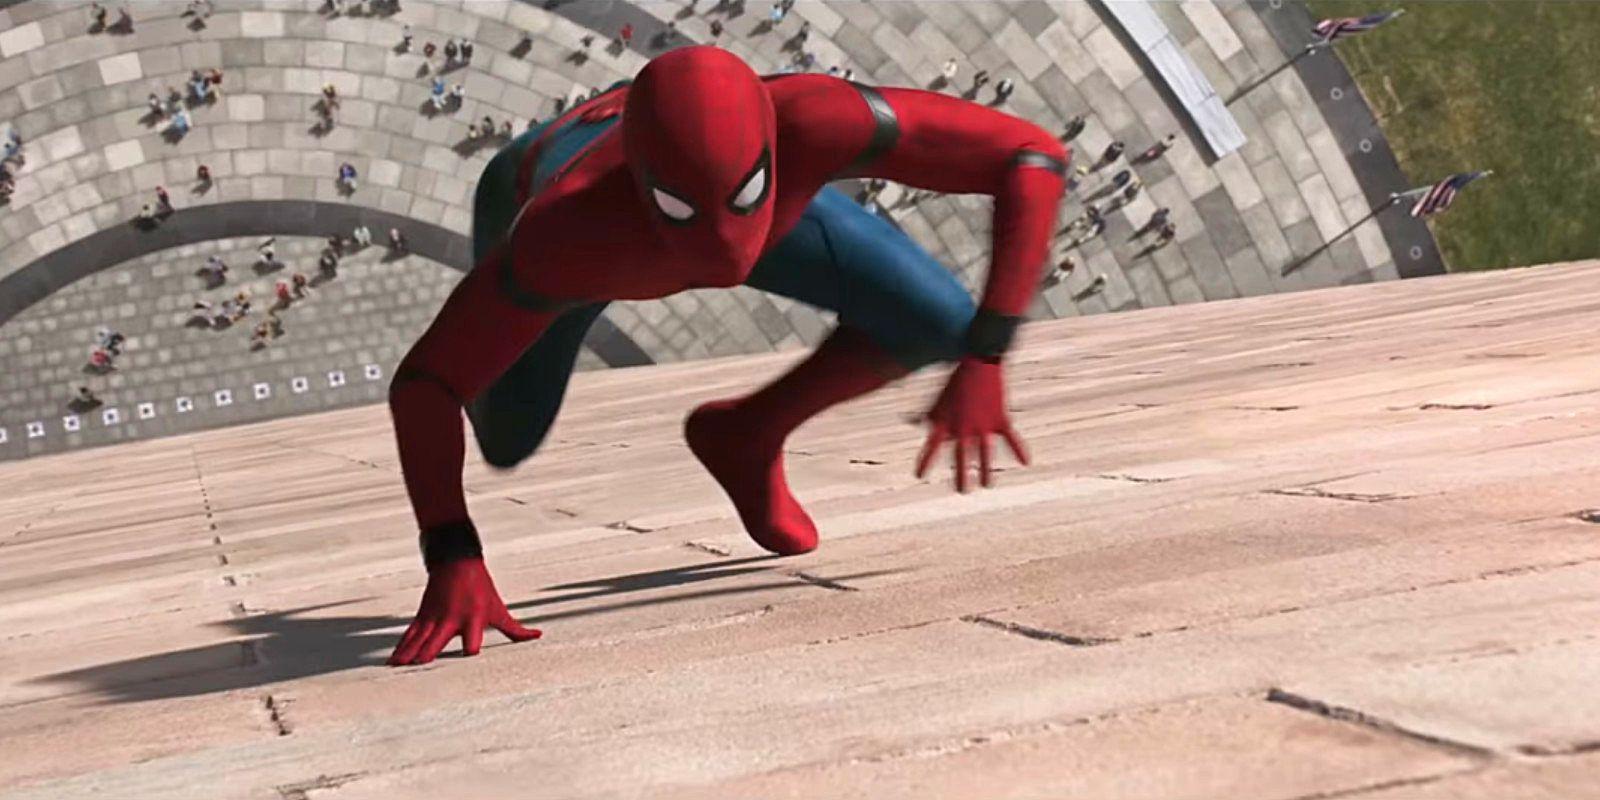 Spider-Man Homecoming - Climbing up wall